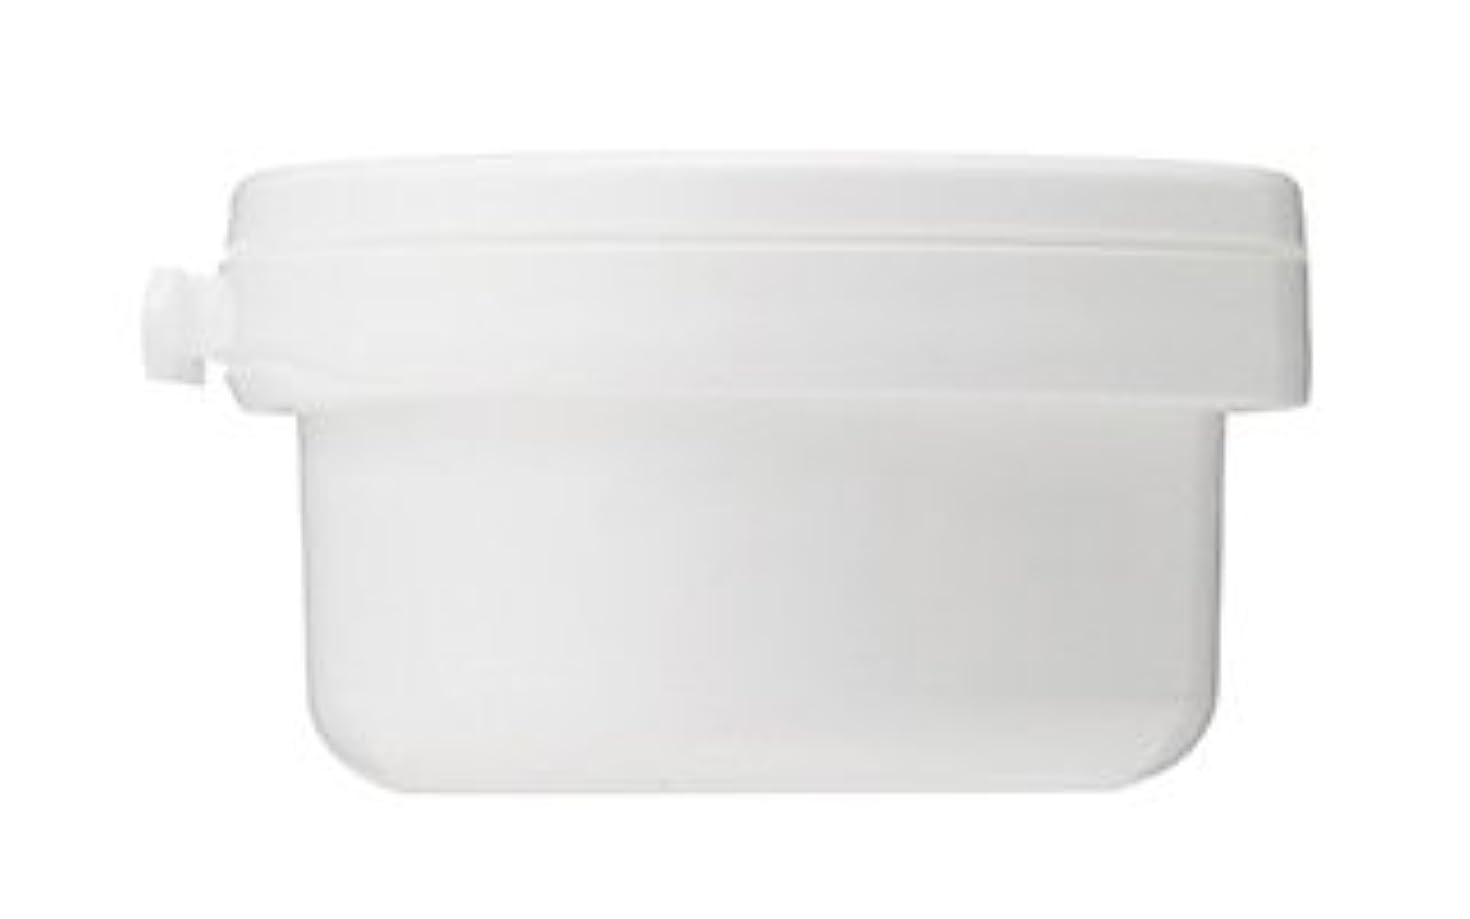 バランスかけるワゴンインナップEX 保湿クリーム詰め替え用 (潤い効果アップ) モイスチャークリーム MD レフィル [弱酸性]